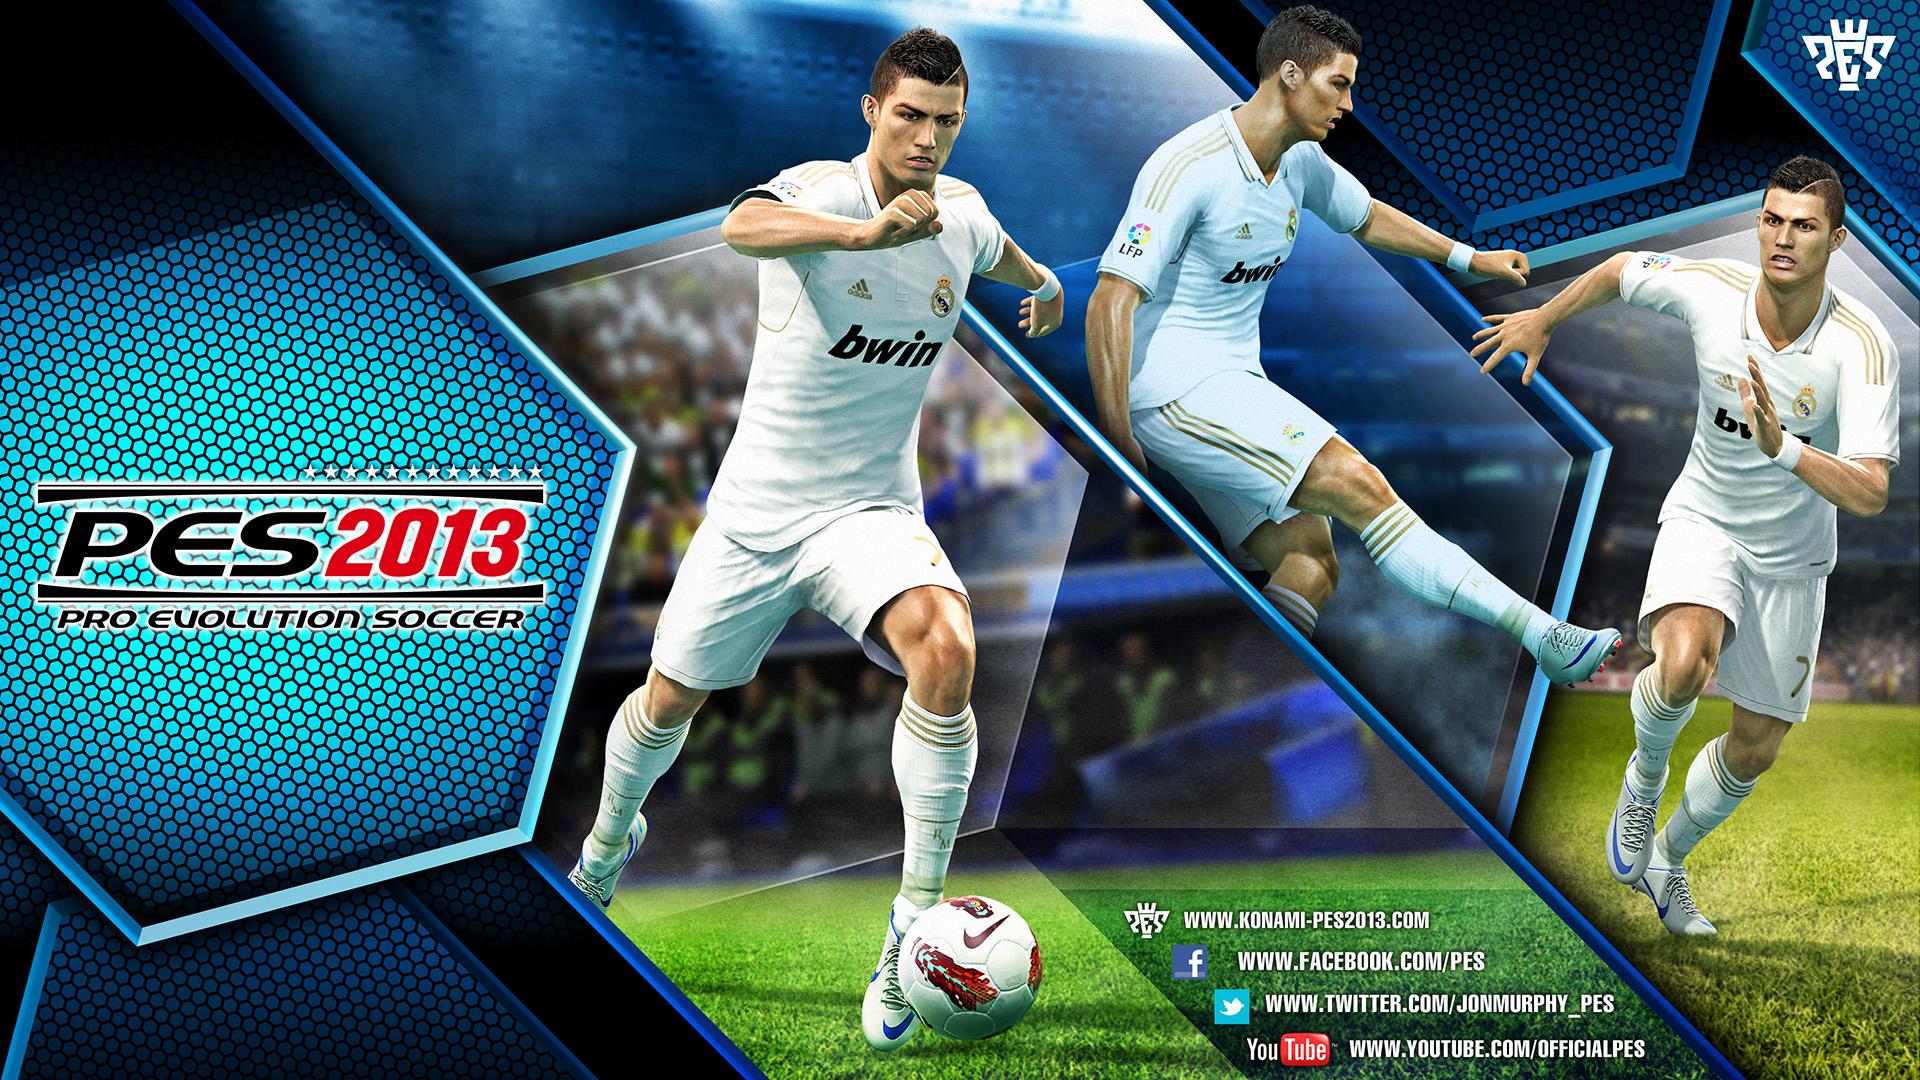 Nuevo Trailer E3 Oficial de PES 2013 y habrá DLC con Estadios Españoles